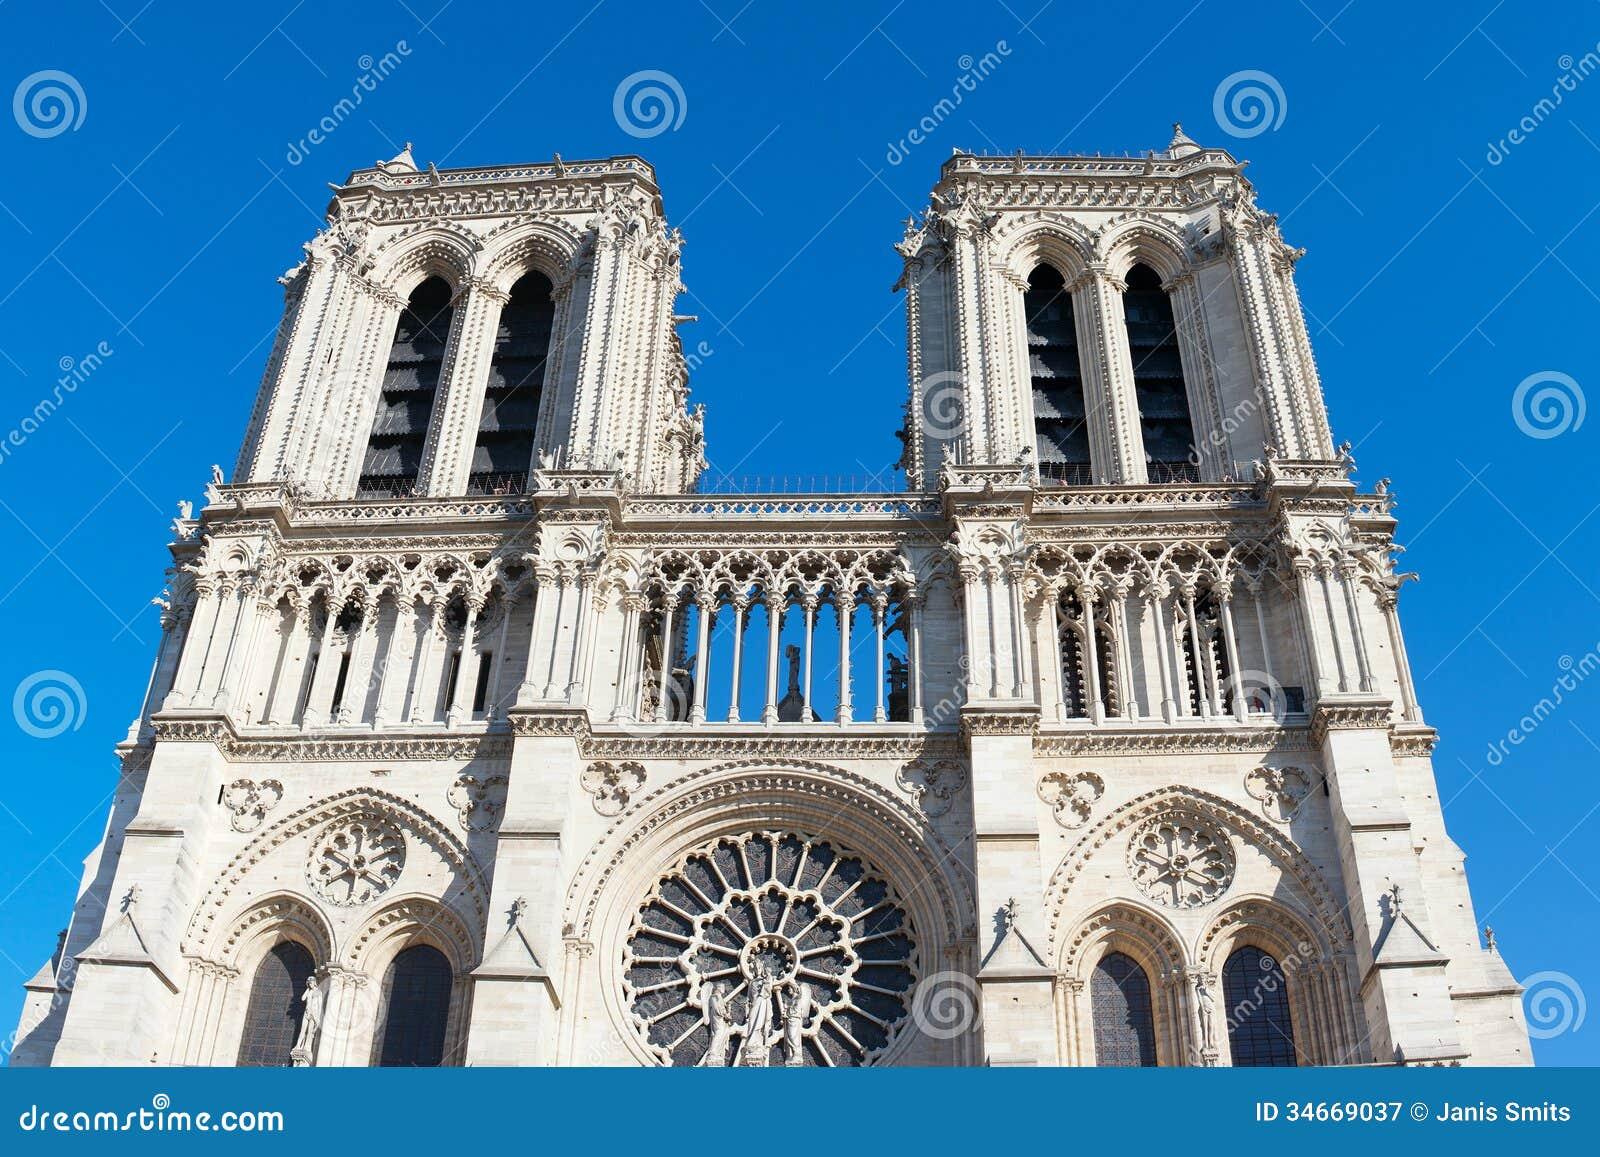 Gothic architecture  Wikipedia